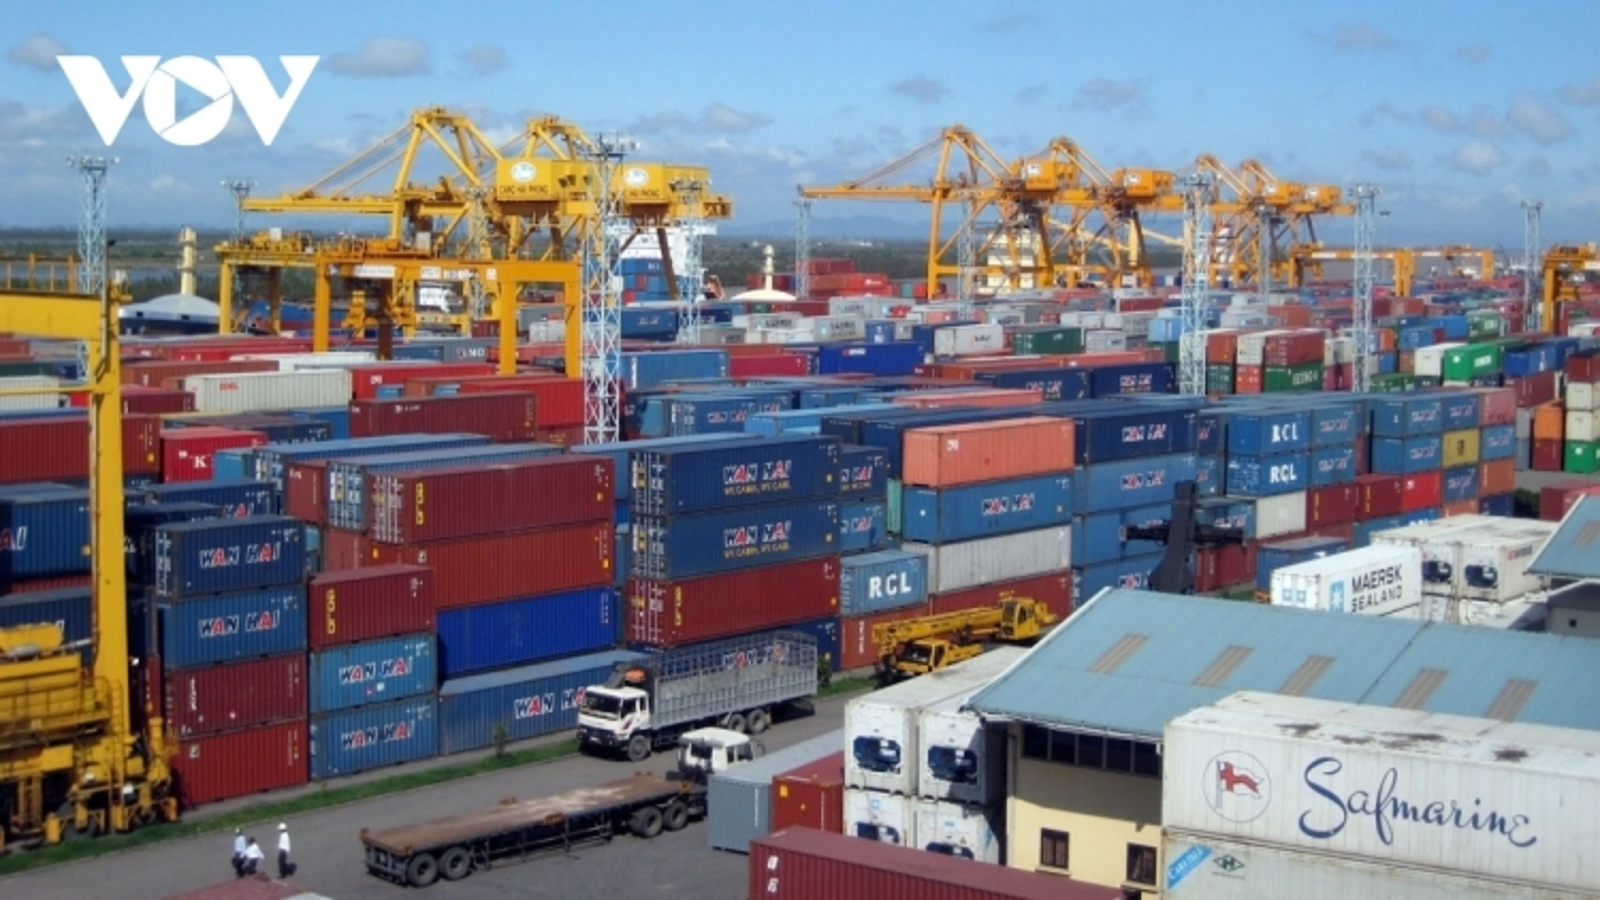 Hỏa tốc gửi kiến nghị Thủ tướng giải pháp tháo gỡ ùn tắc hàng hóa tại cảng Cát Lái